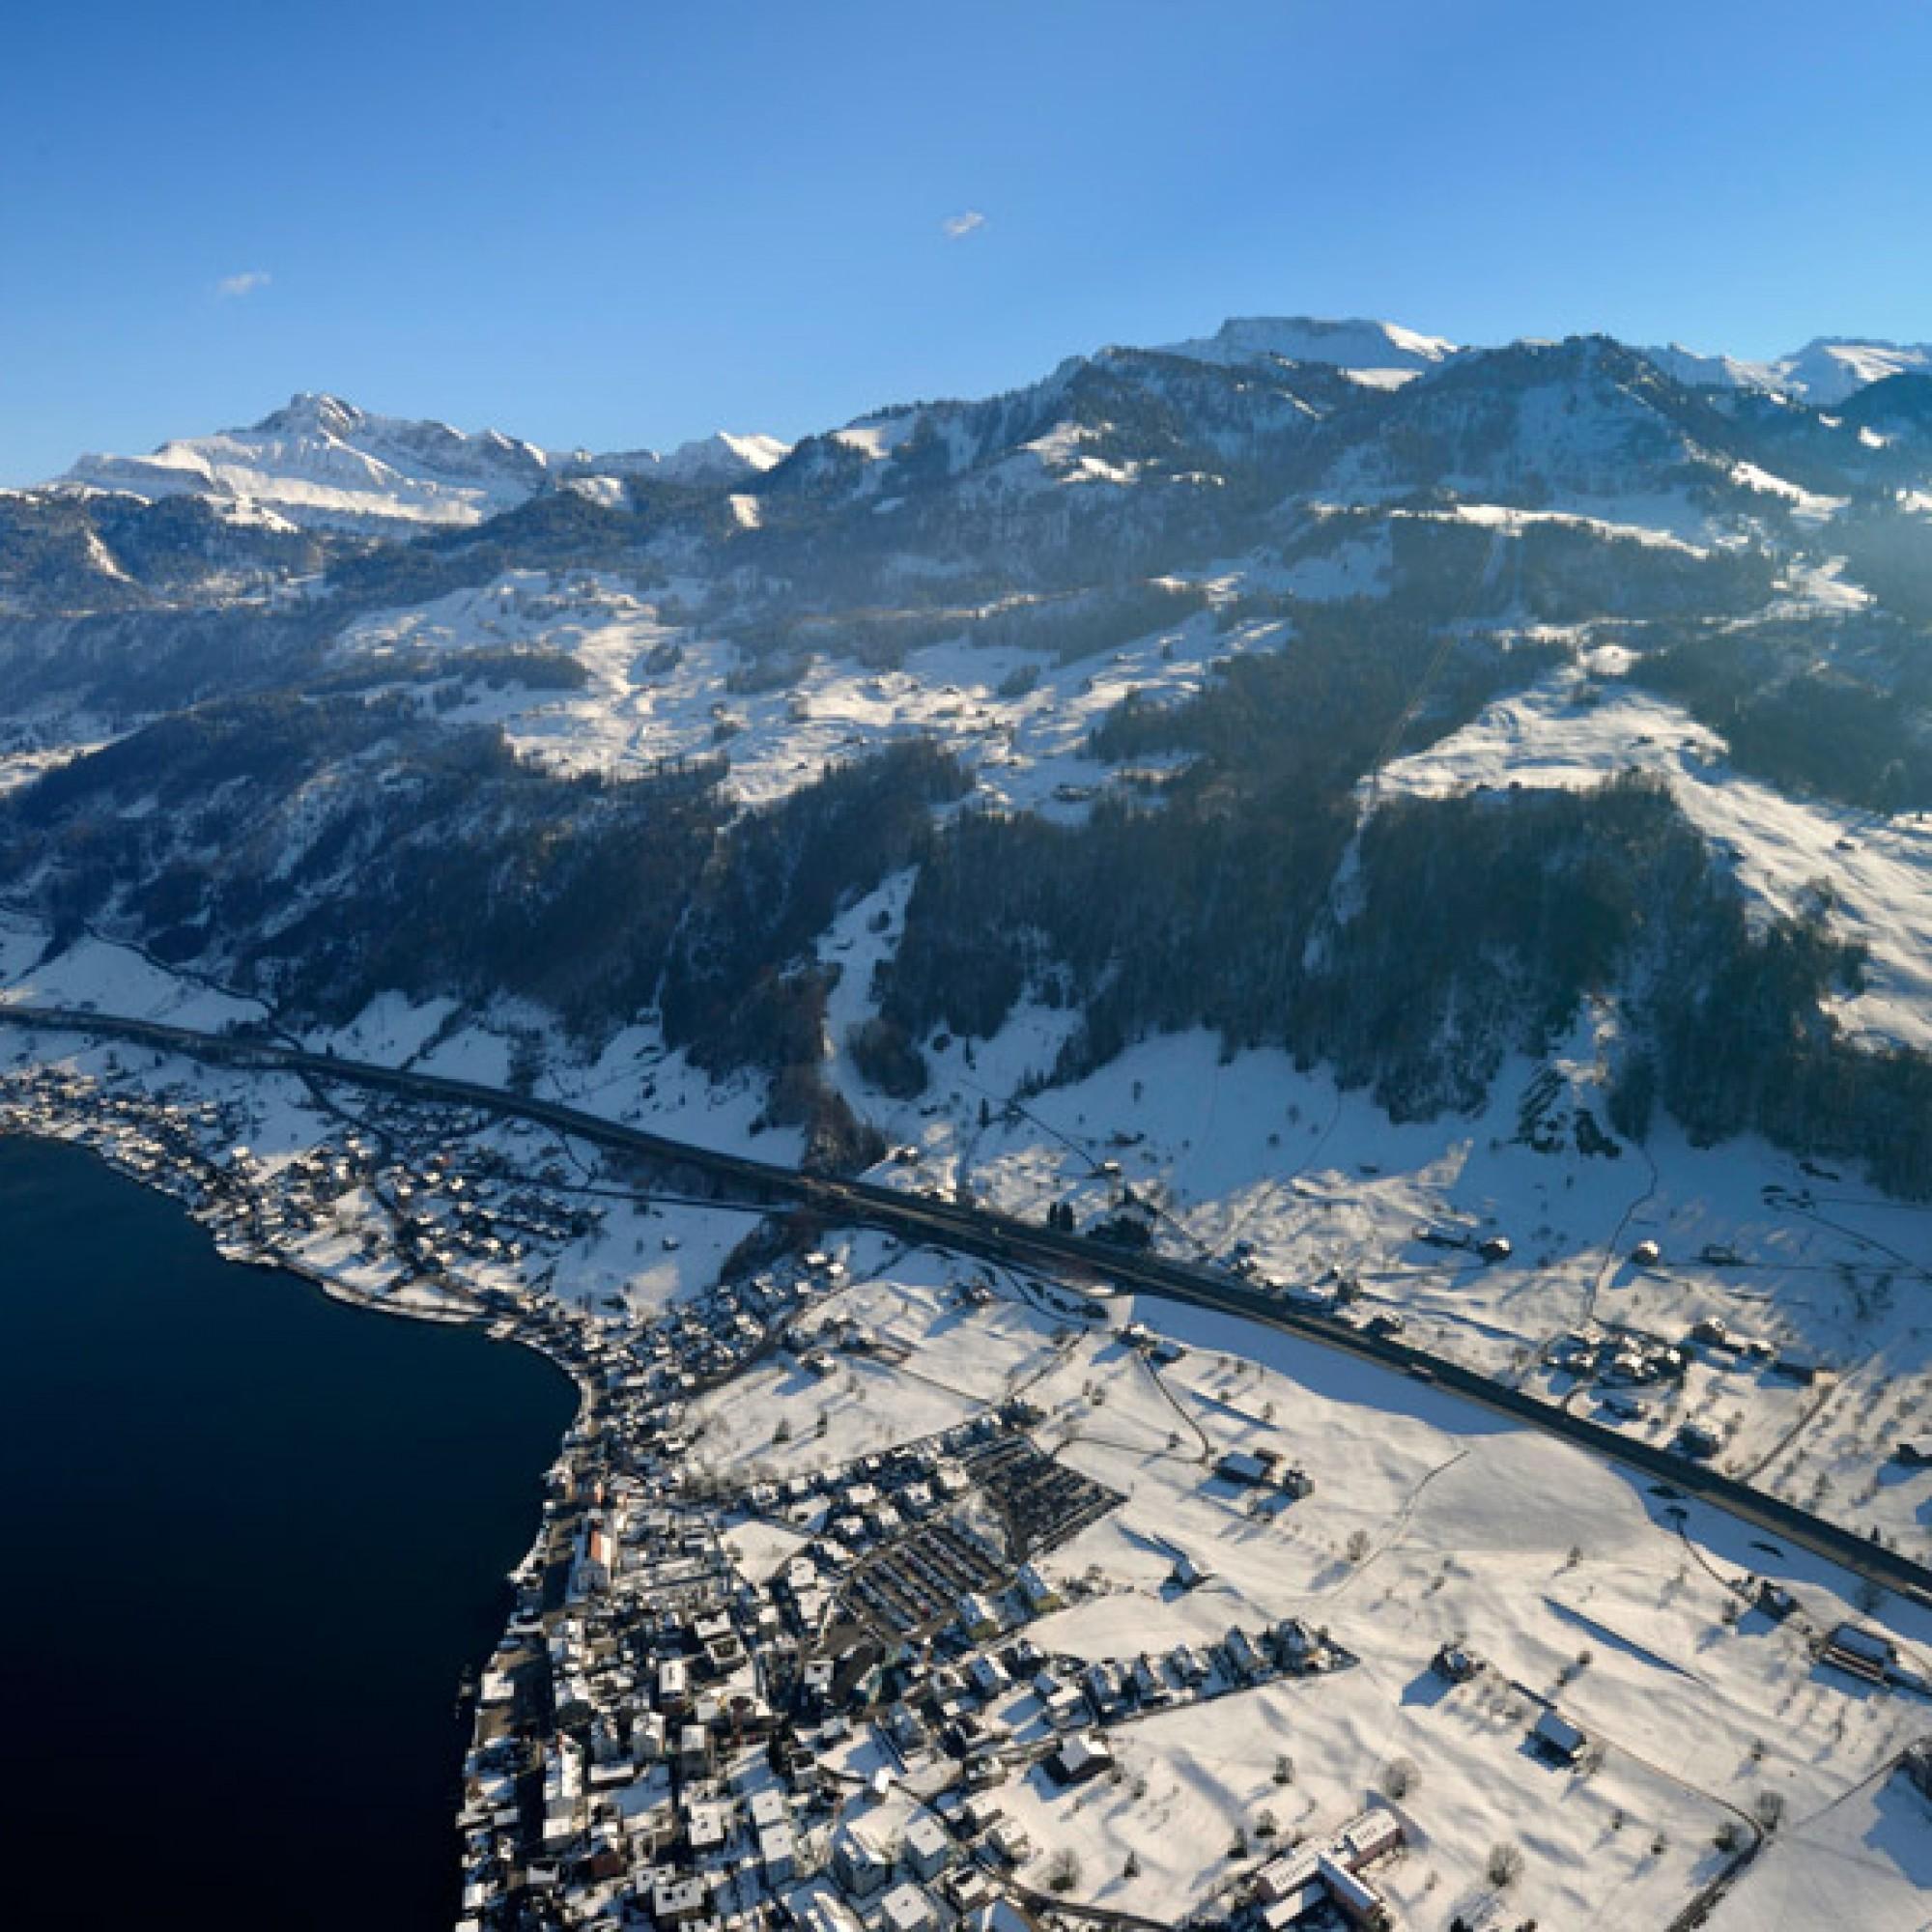 In Nidwalden soll preisgrünstiges Wohnen gefördert werden. Dies gilt auch für das idyllisch gelegene Beckenried am Vierwaldstättersee. (Nidwalden Tourismus, wikimedia.org, CC)